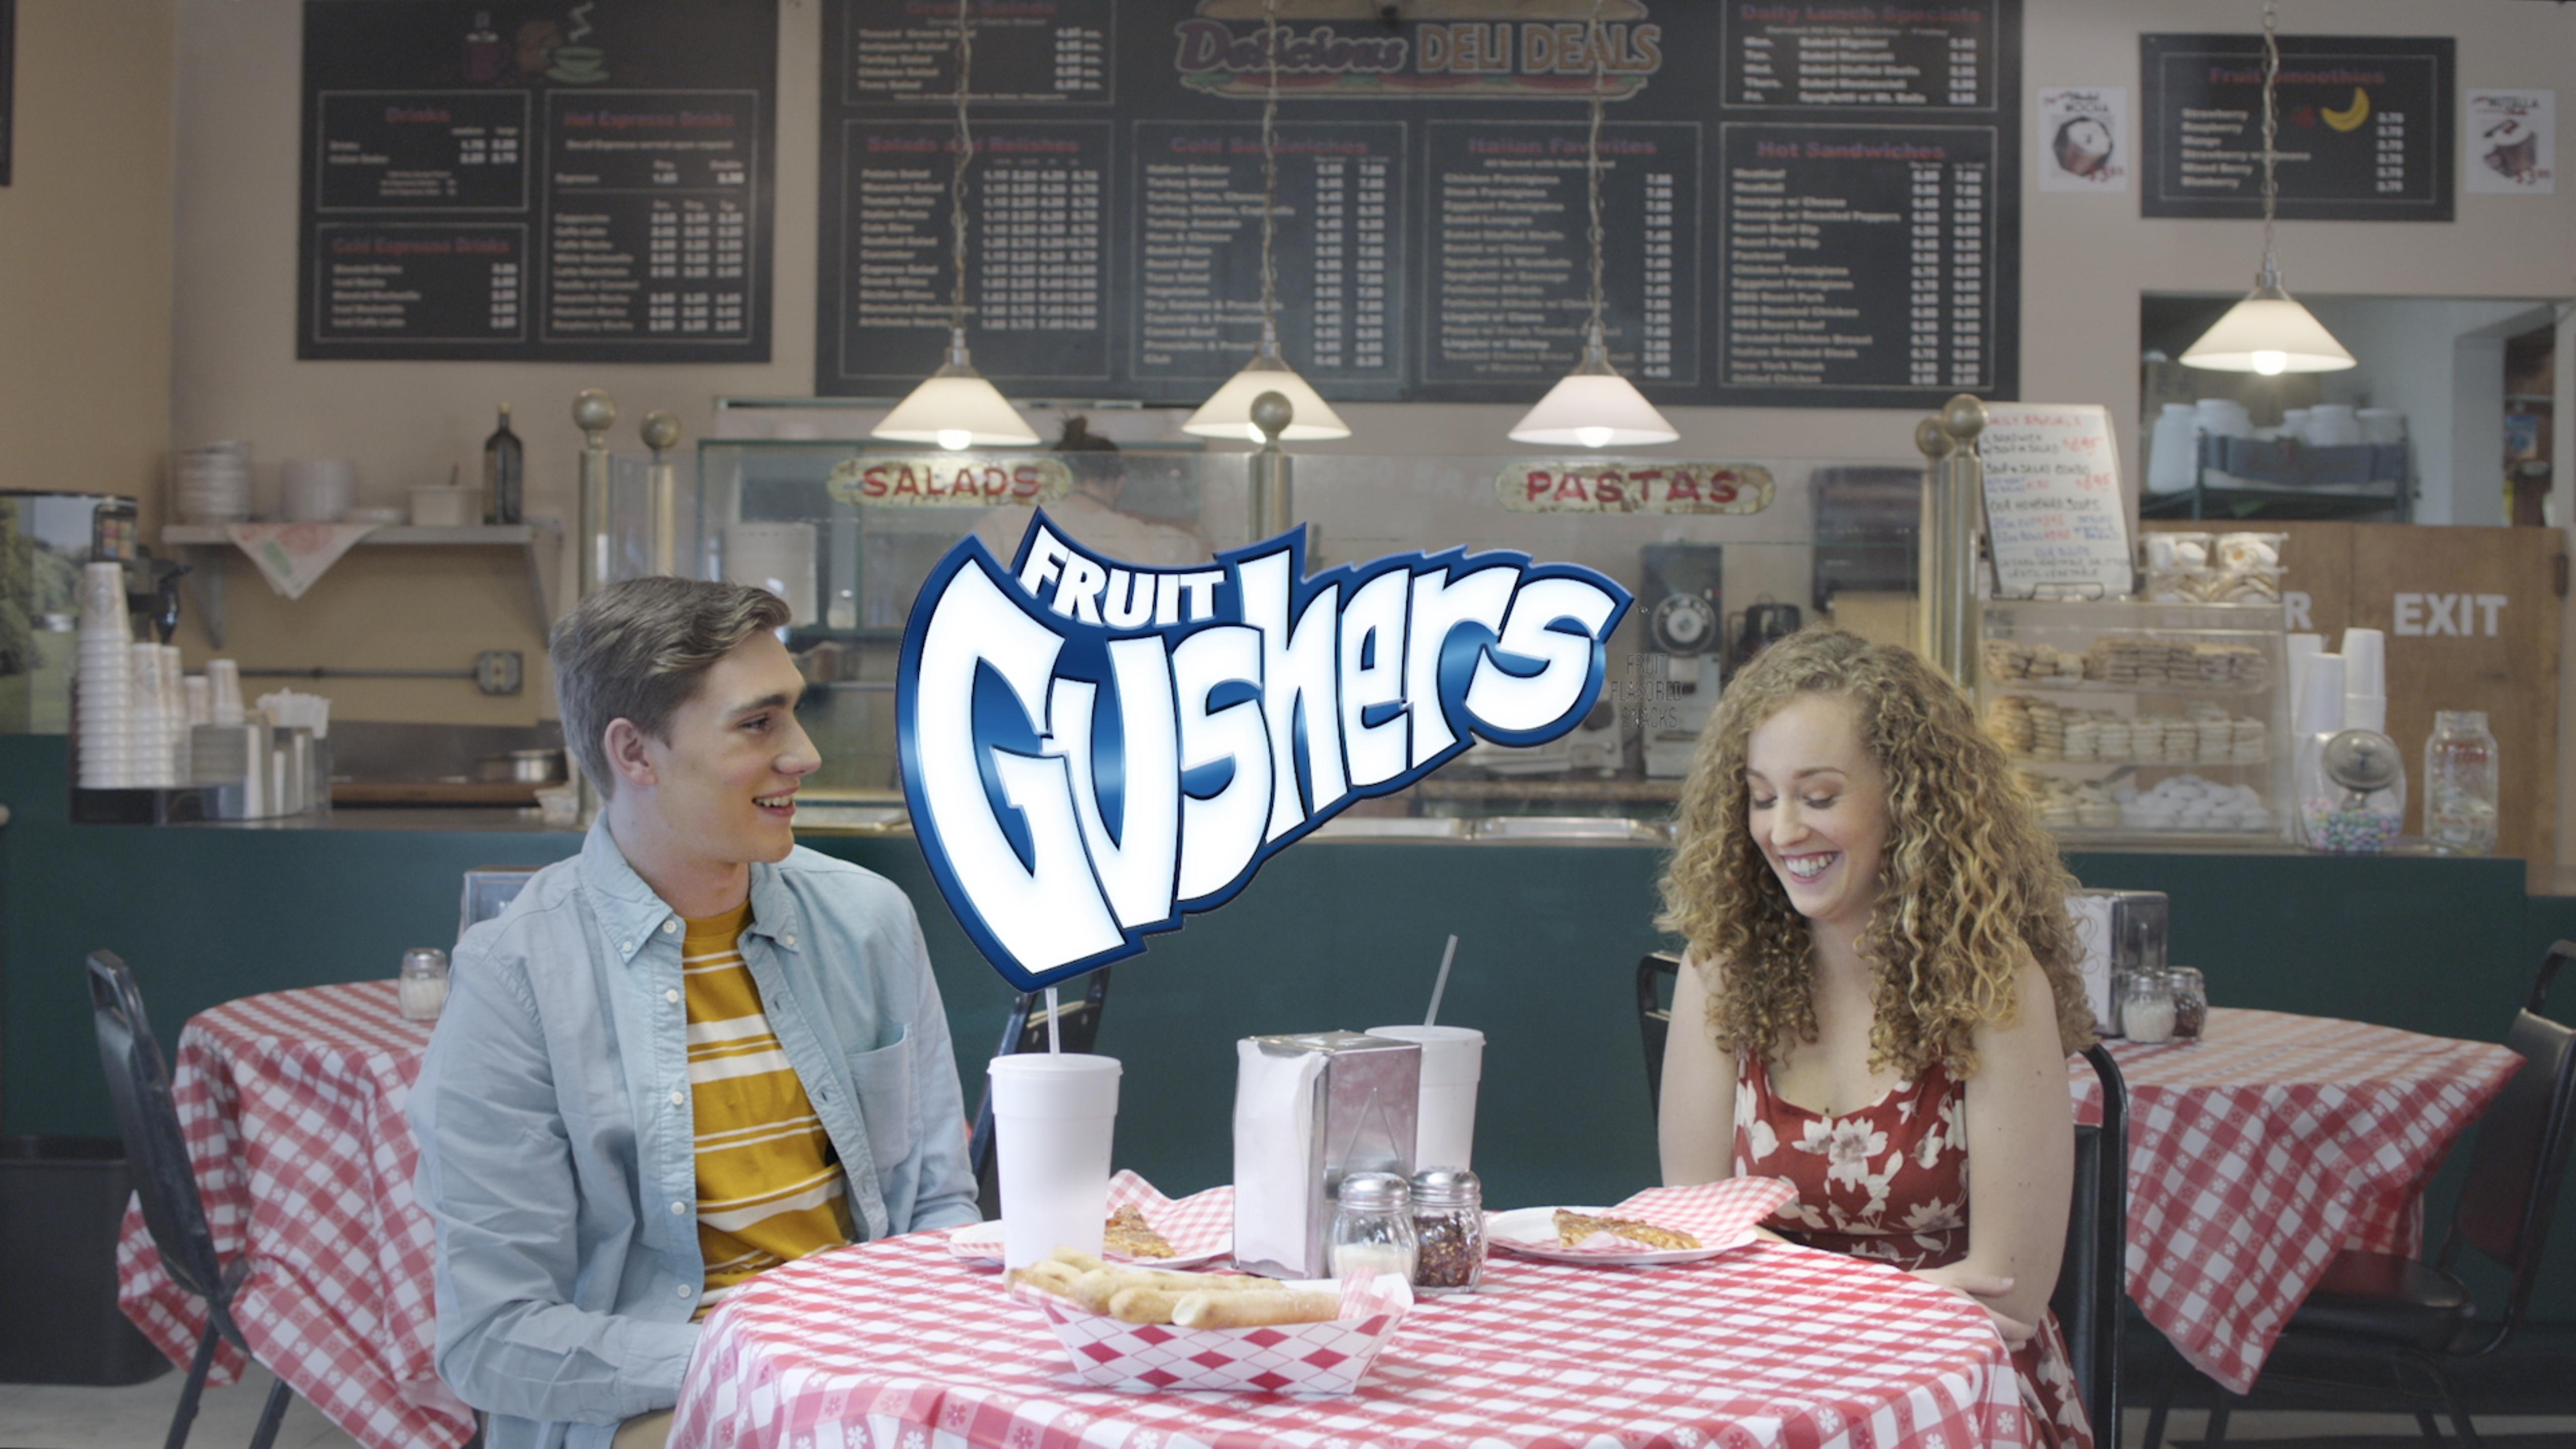 Gushers – Awkward Date